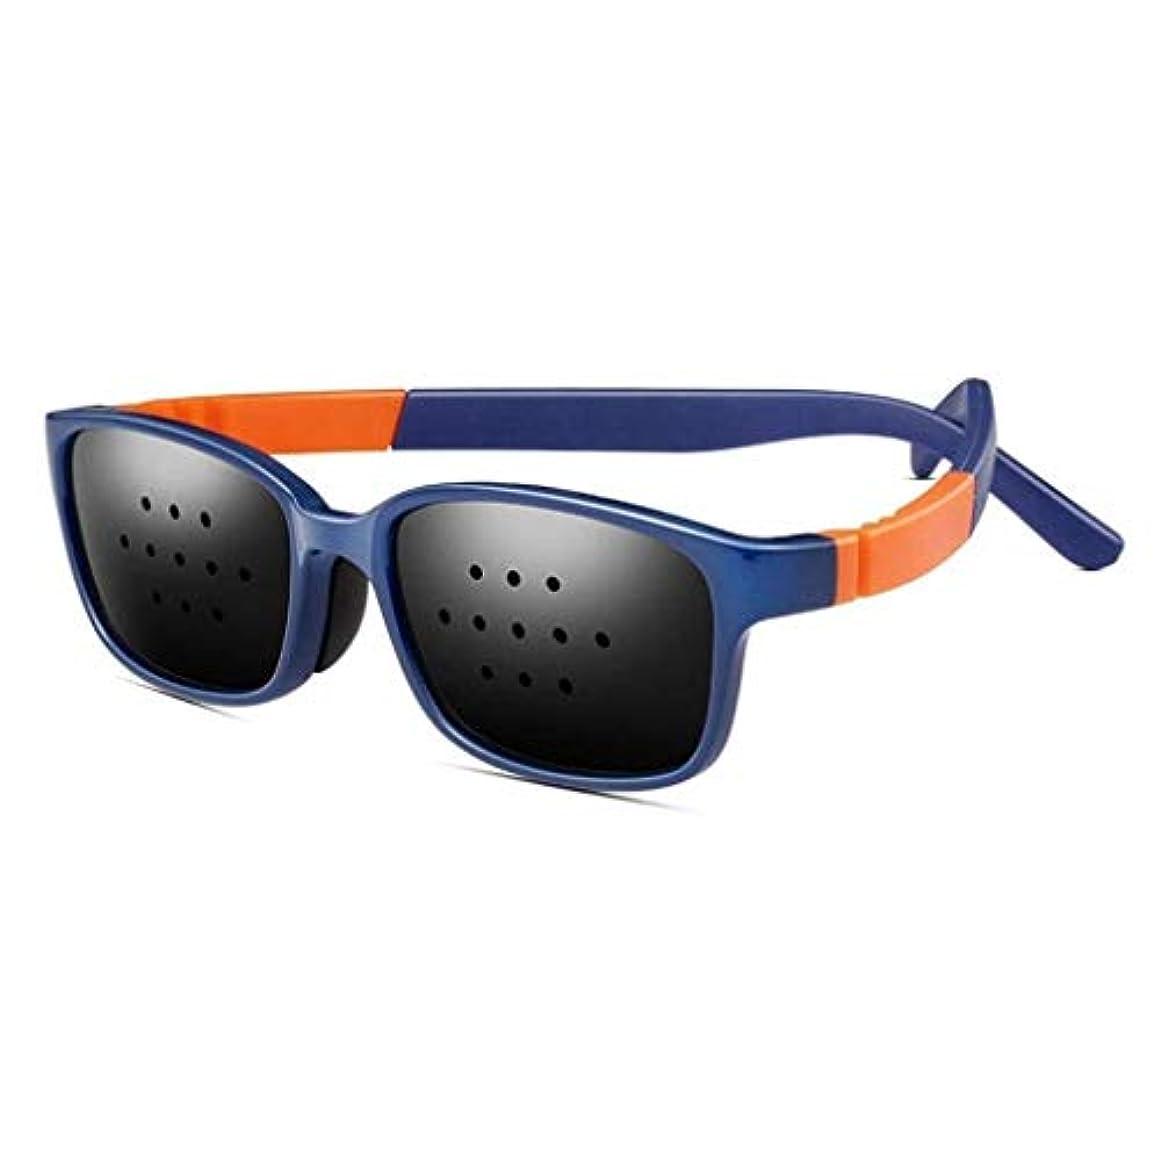 下向き不安定光のピンホールメガネ、視力矯正メガネ網状視力保護メガネ耐疲労性メガネ近視の防止メガネの改善 (Color : 青)